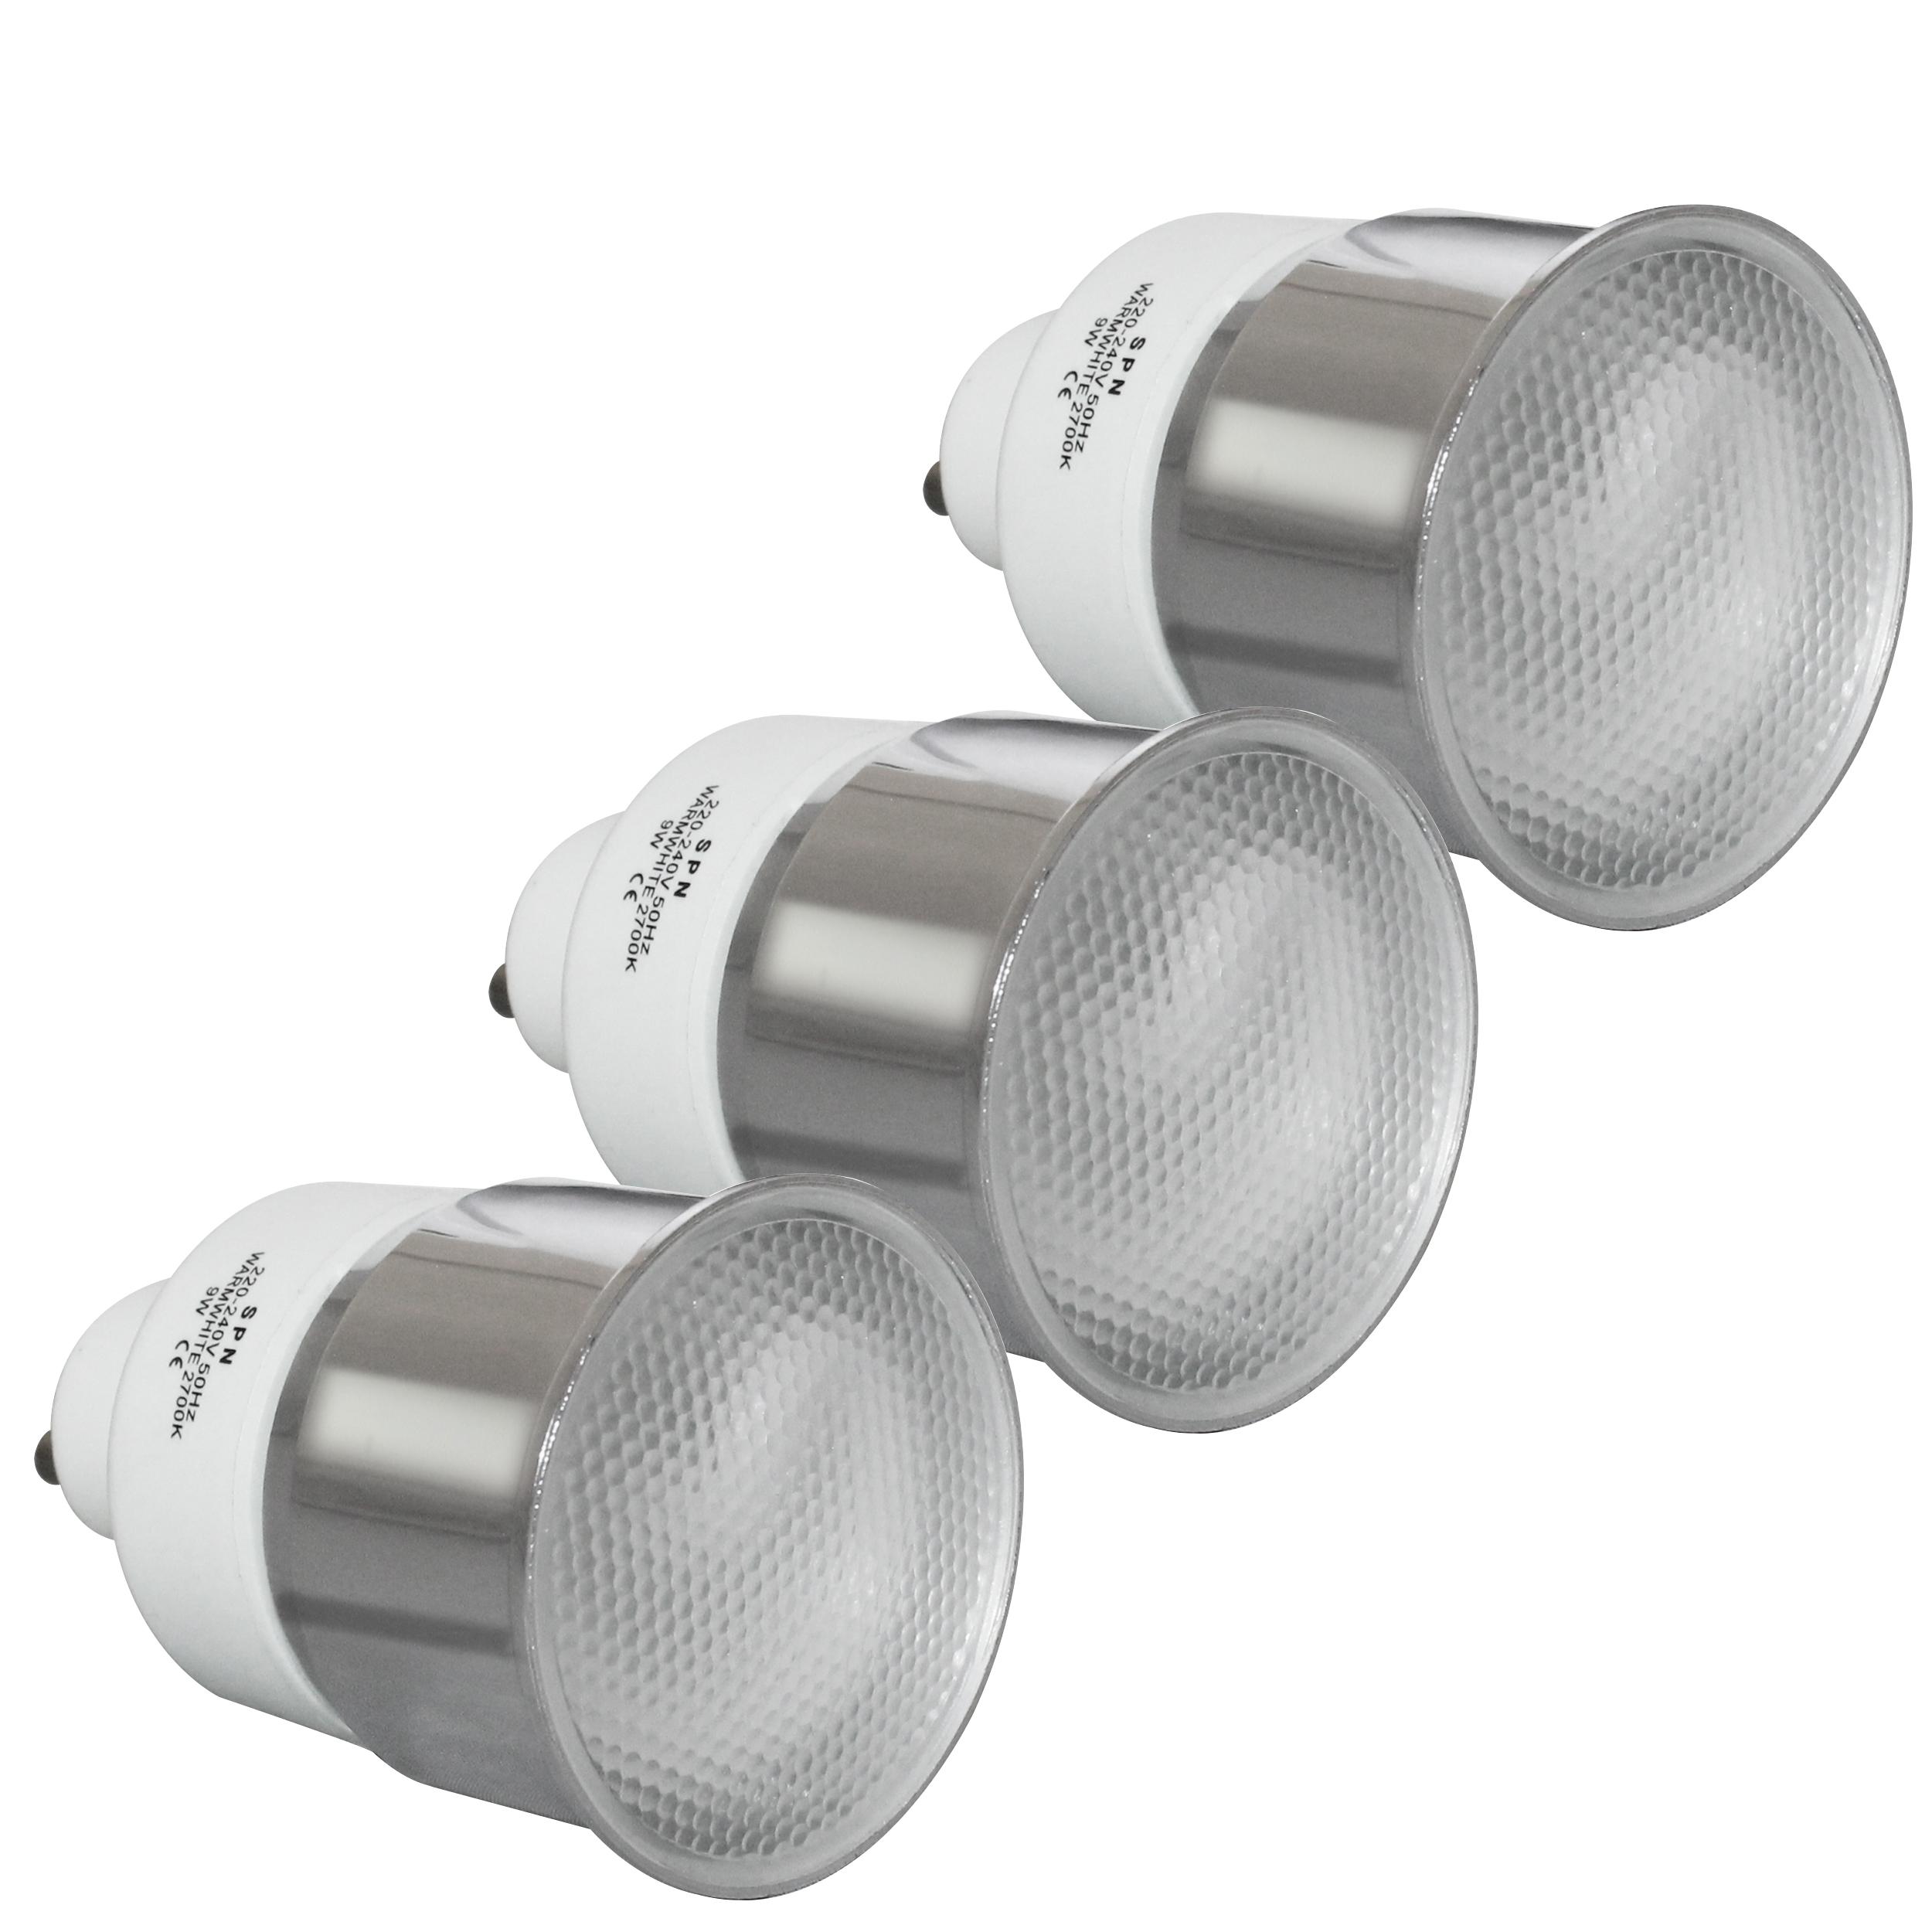 لامپ کم مصرف 9 وات اس پی ان کد 01 پایه  GU10 بسته 3 عددی